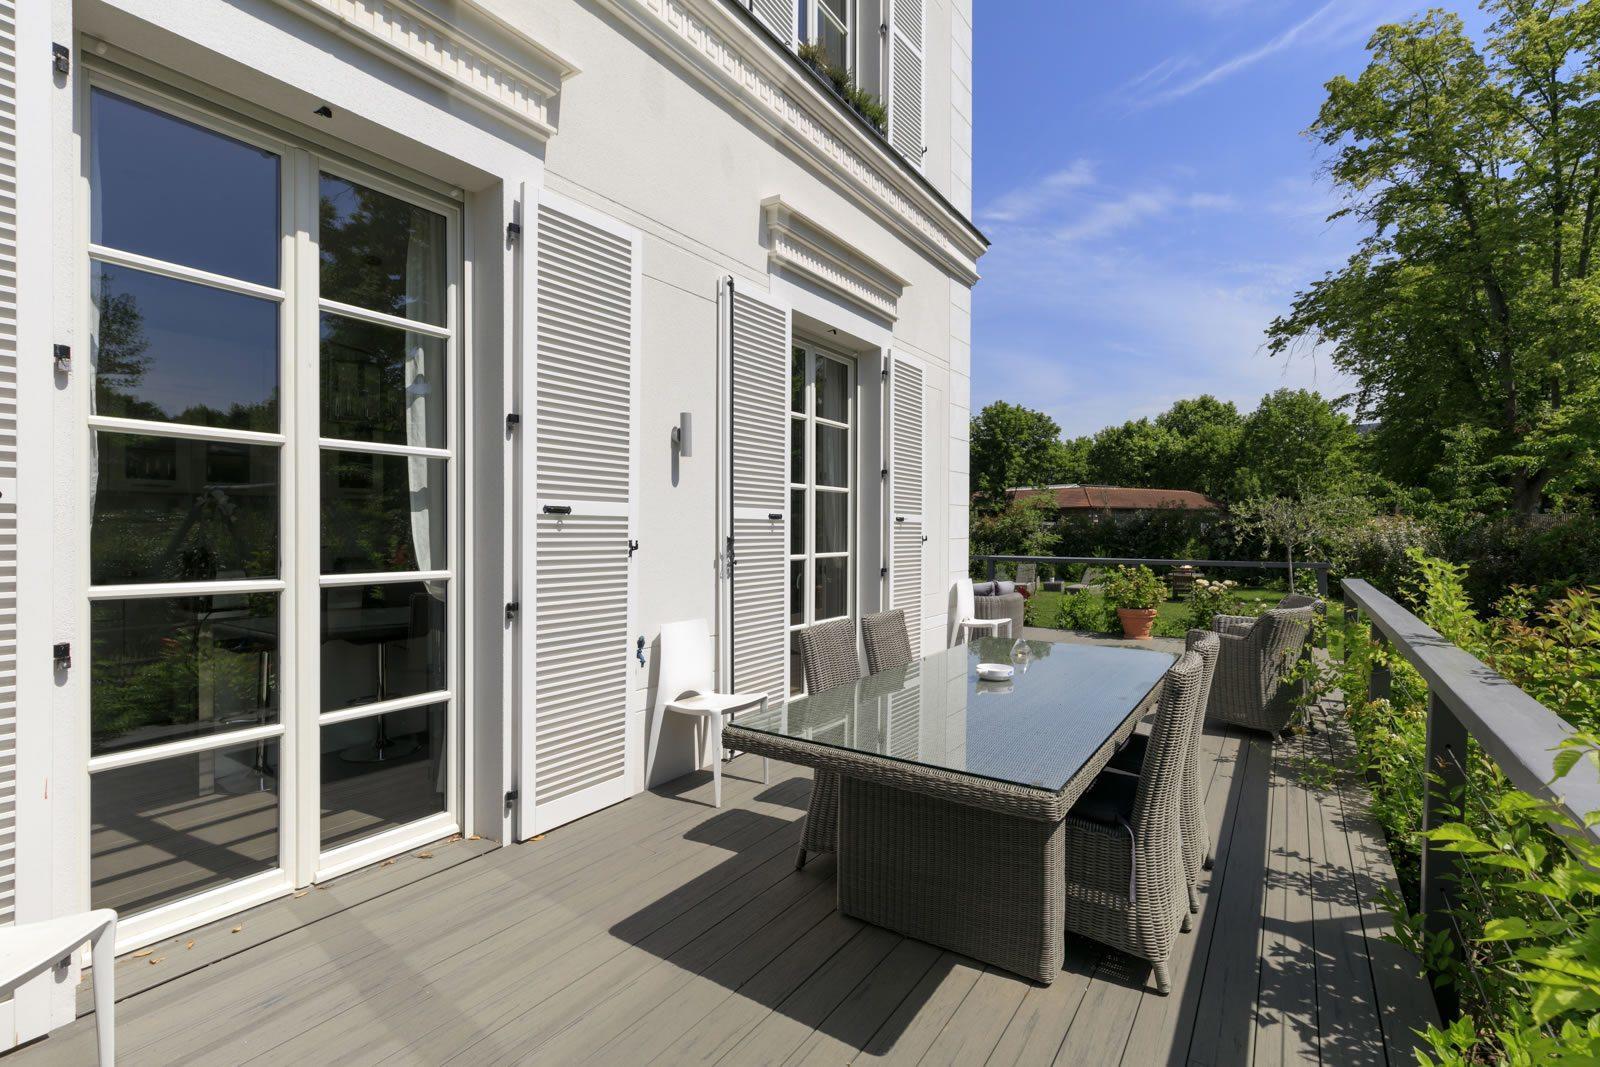 maison de l europe rueil malmaison finest maison rueil malmaison immobilier rueil malmaison. Black Bedroom Furniture Sets. Home Design Ideas